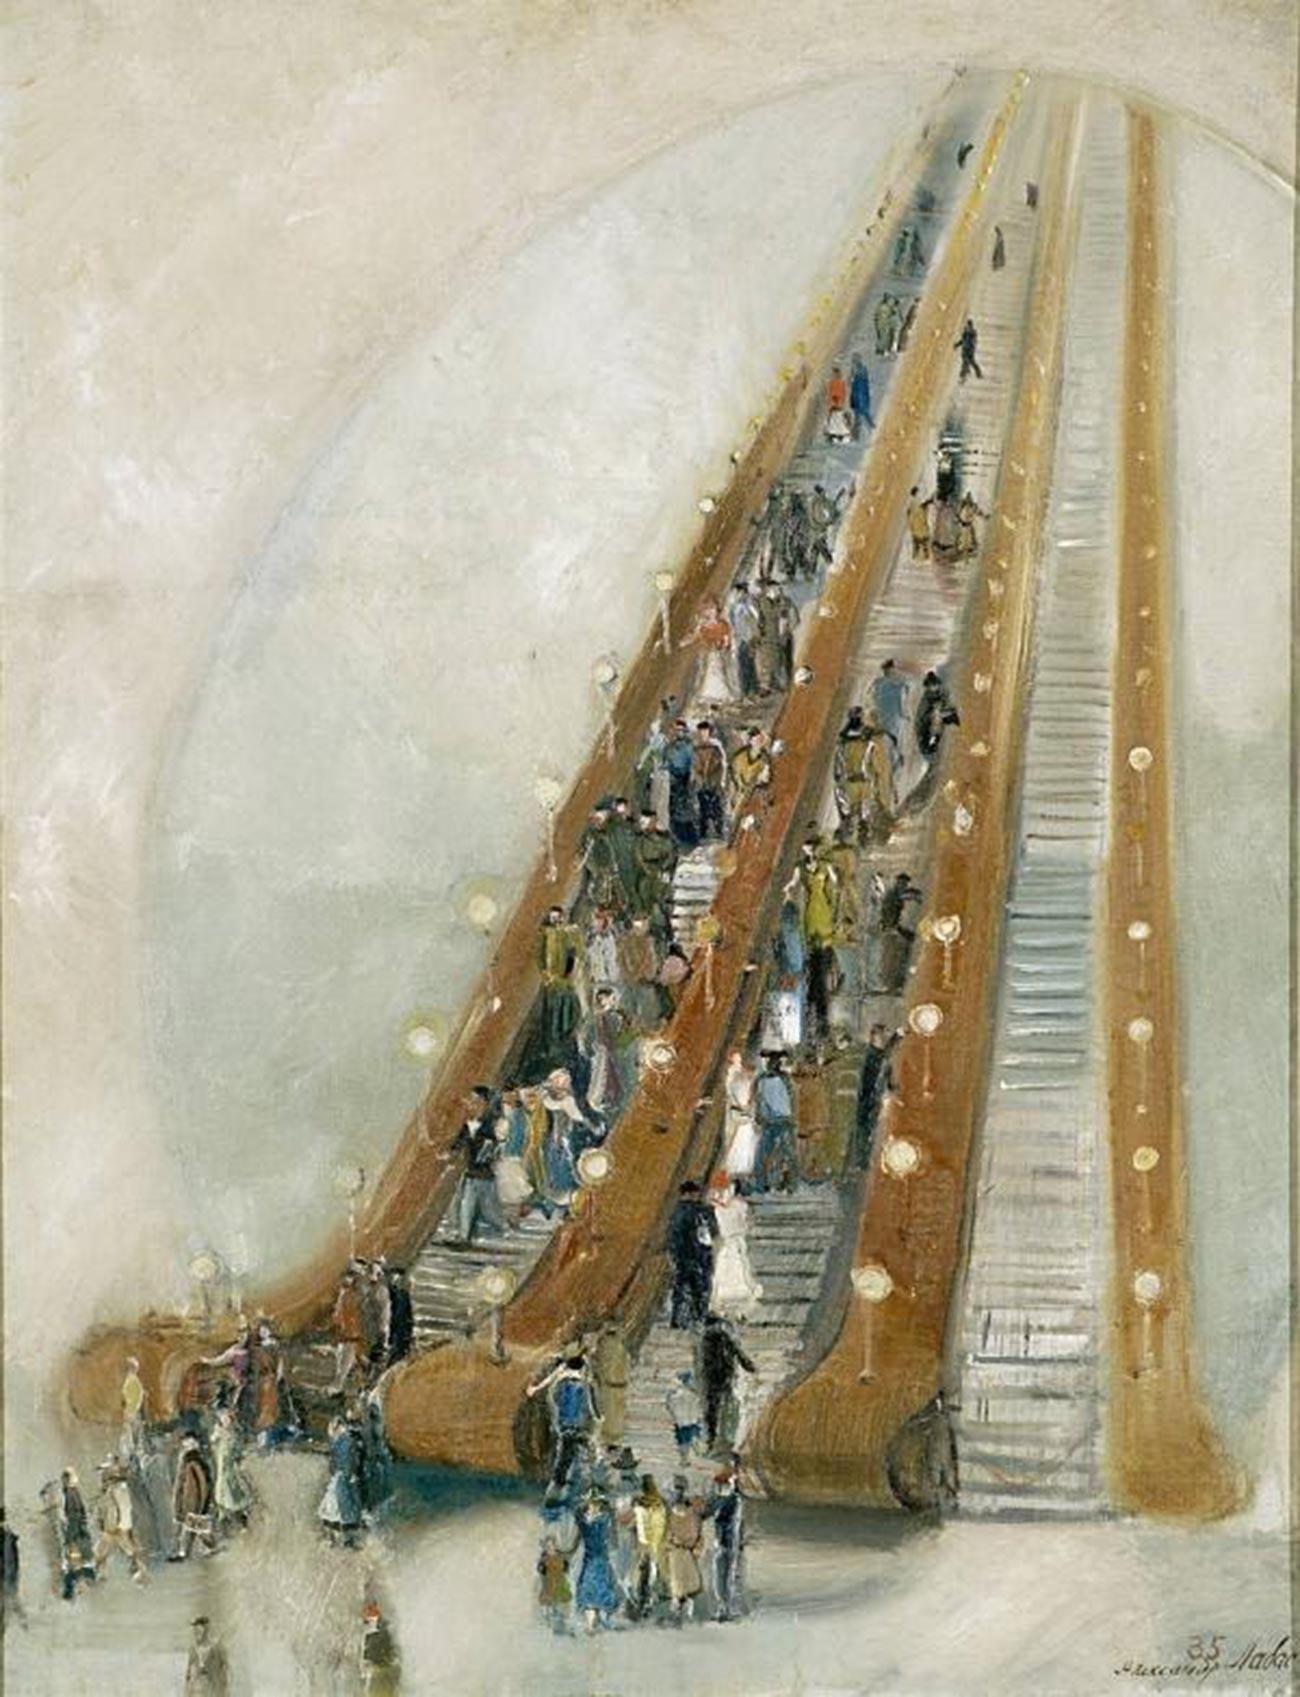 アレクサンドル・ラバス、「地下鉄の中で」、1935年